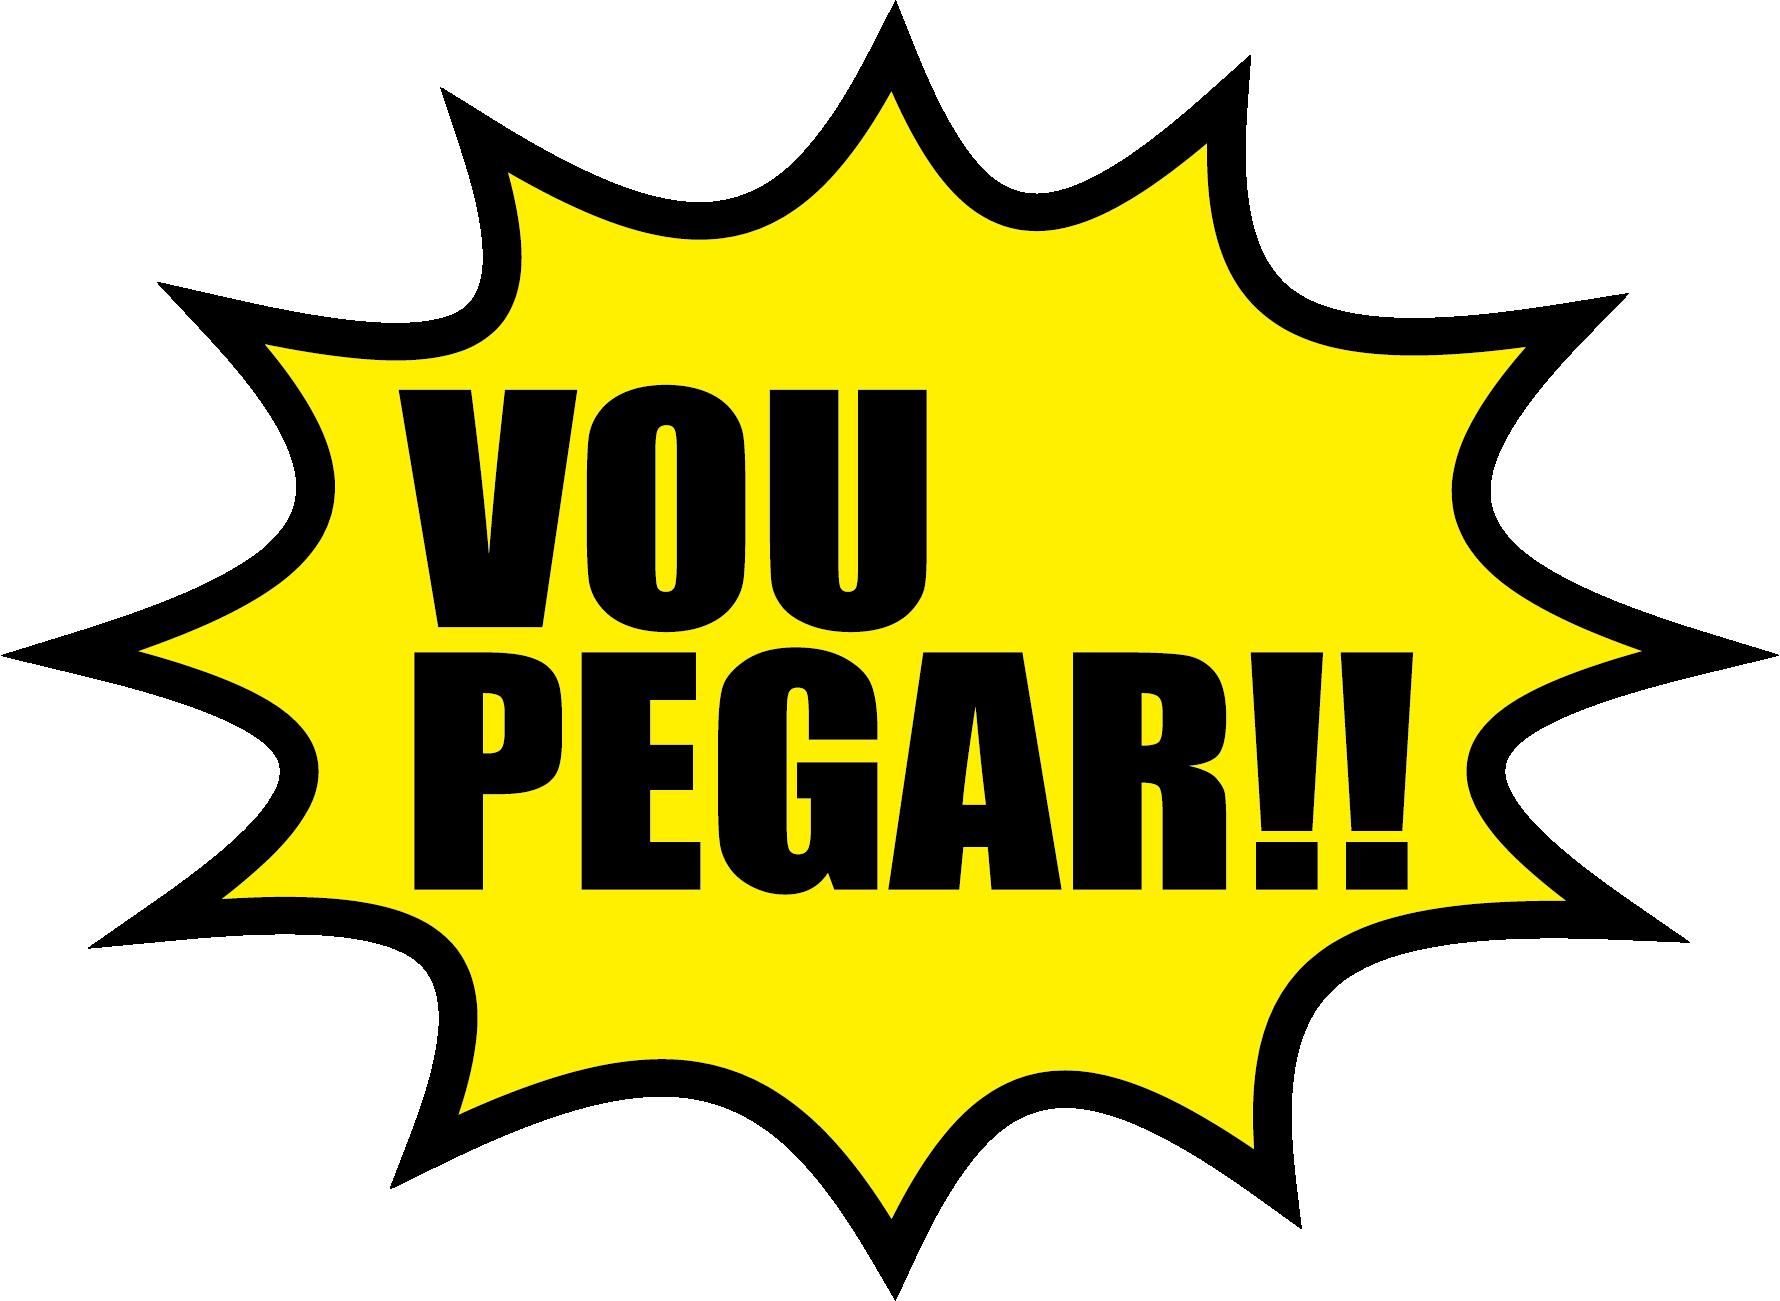 【ボペガー】ブラジリアン柔術ステッカー